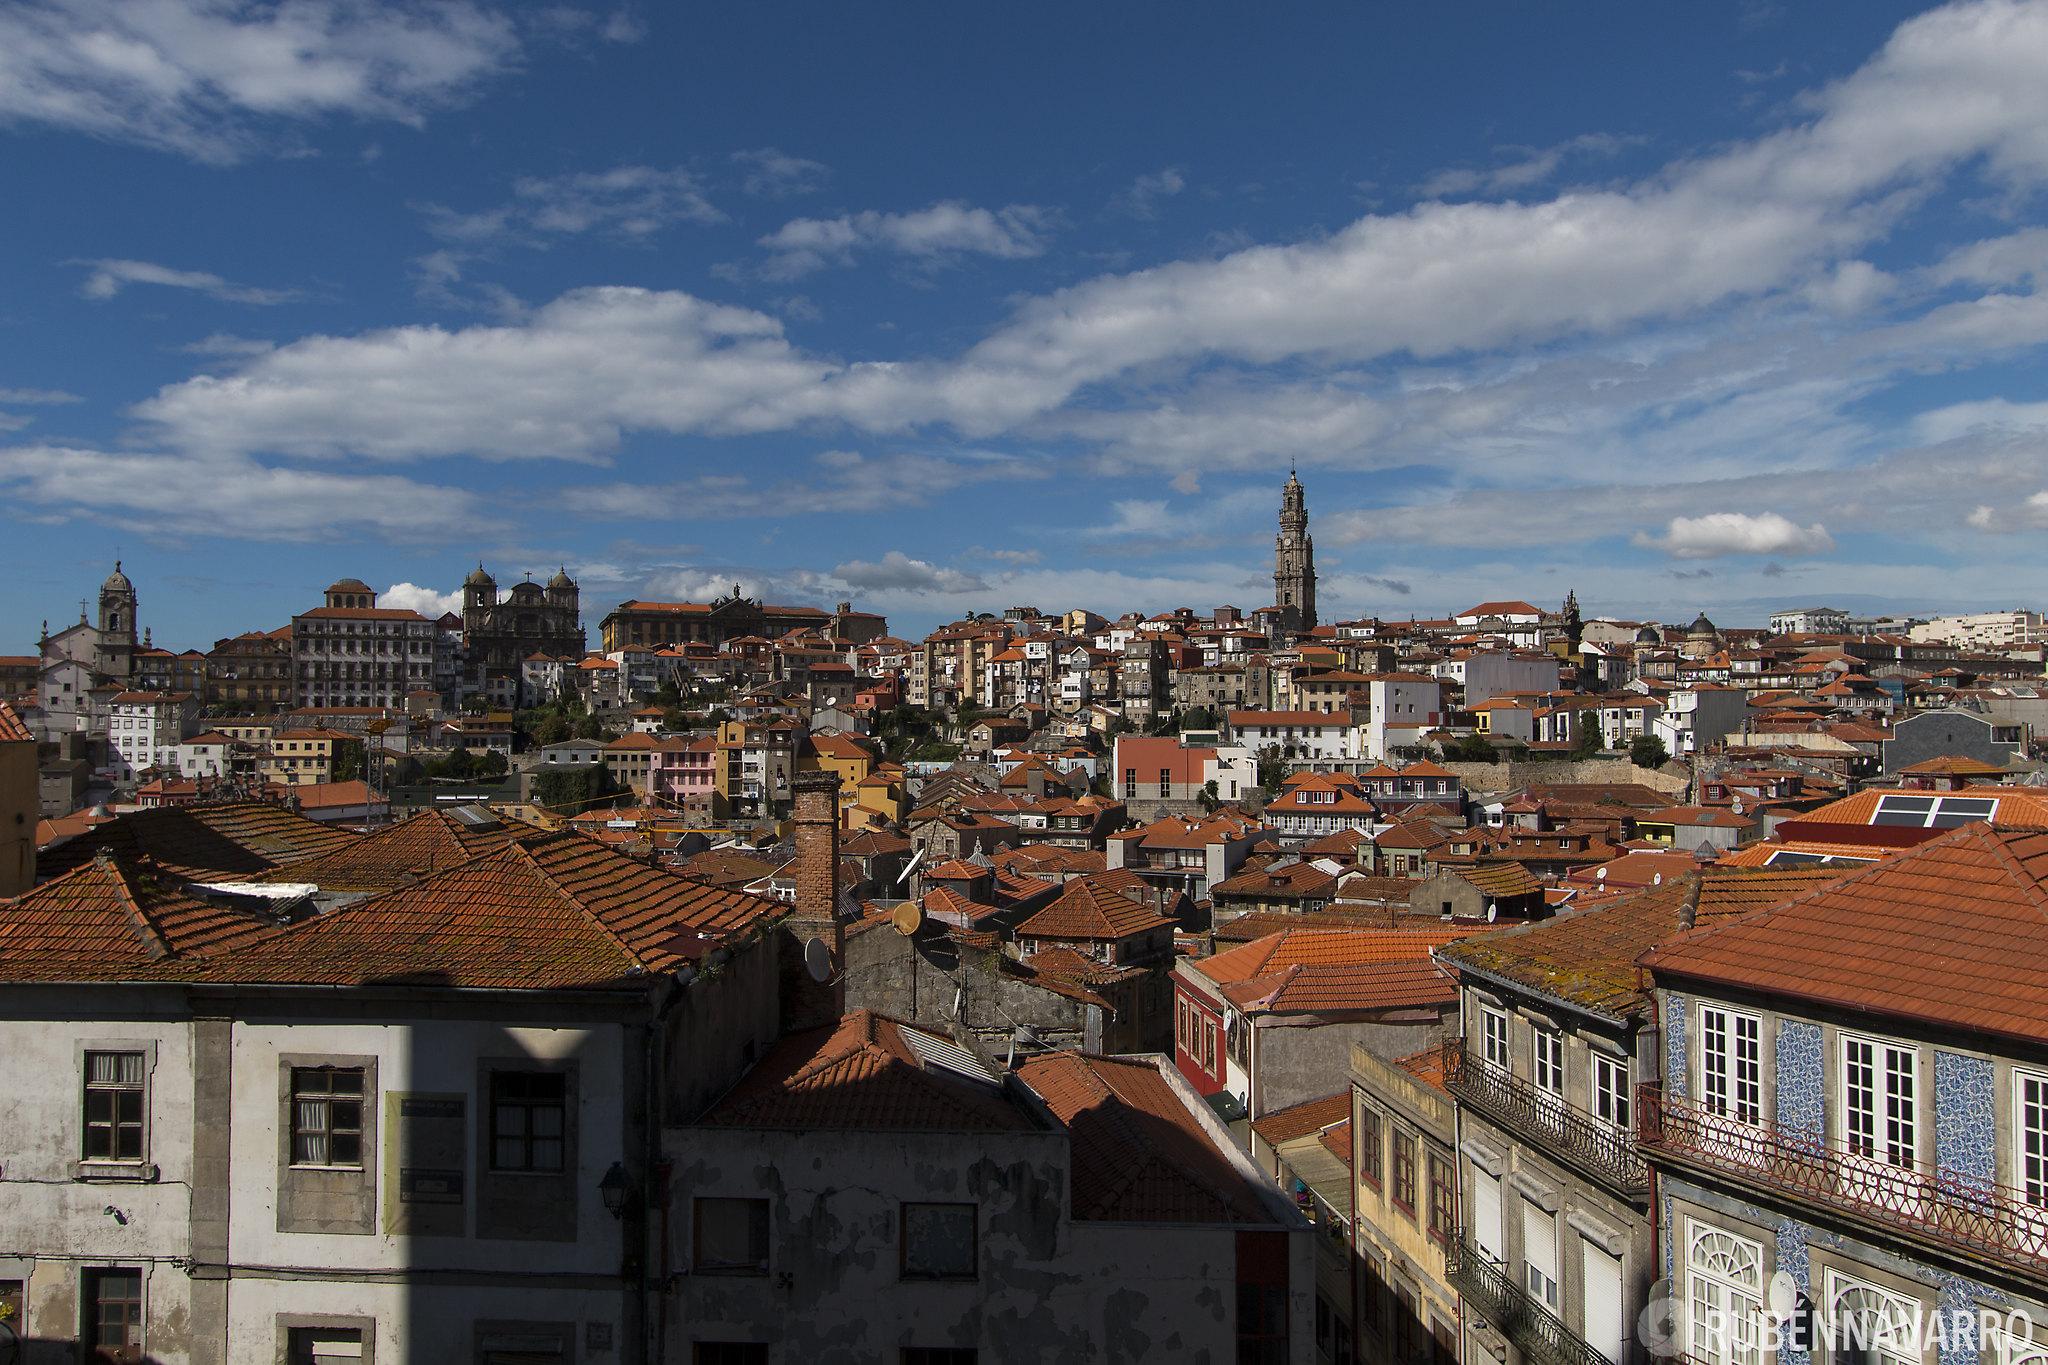 qué ver en Oporto - Vistas